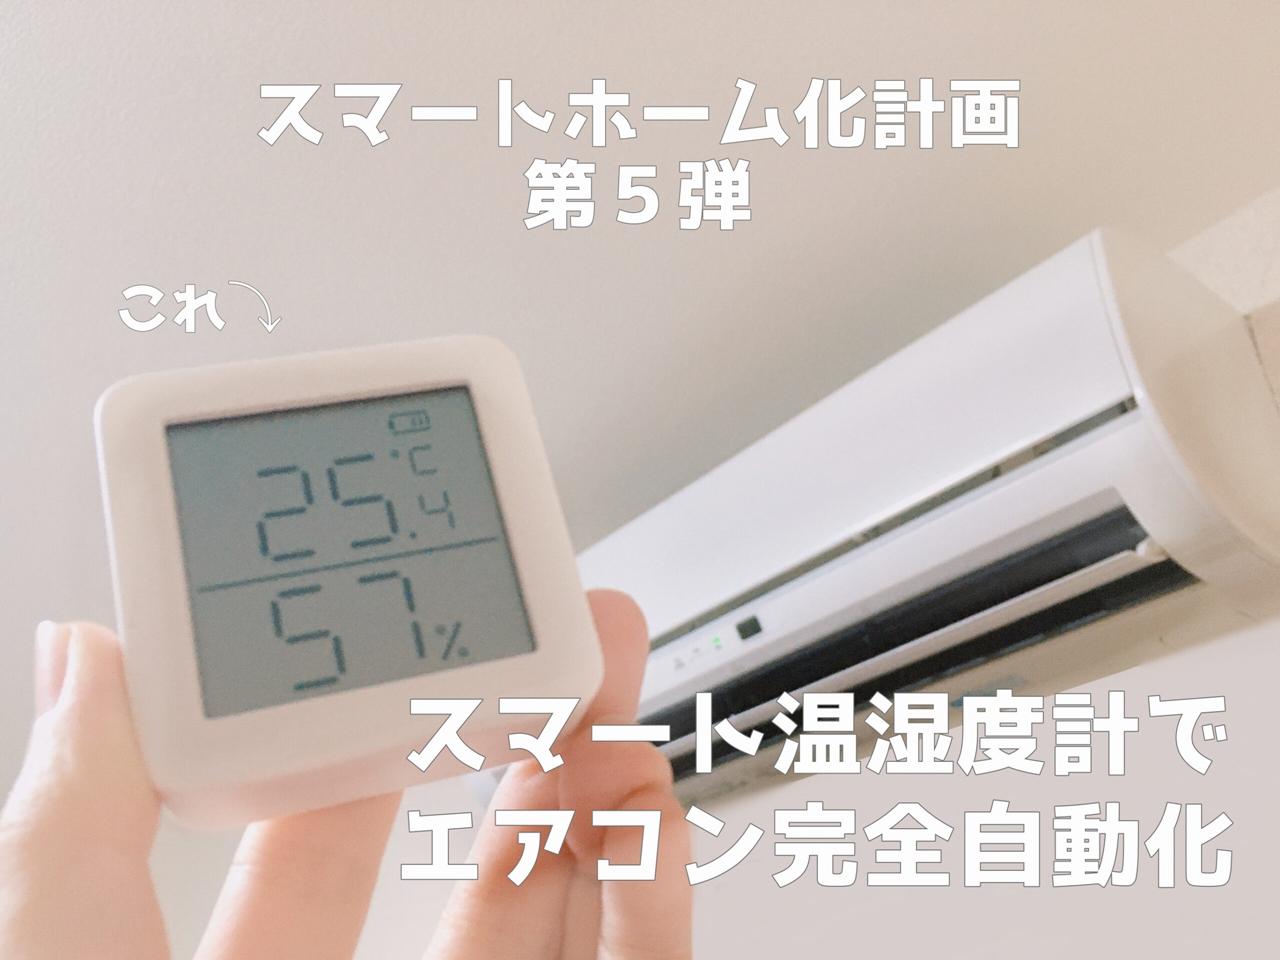 スマート温湿度計でエアコンのオンオフ完全自動化